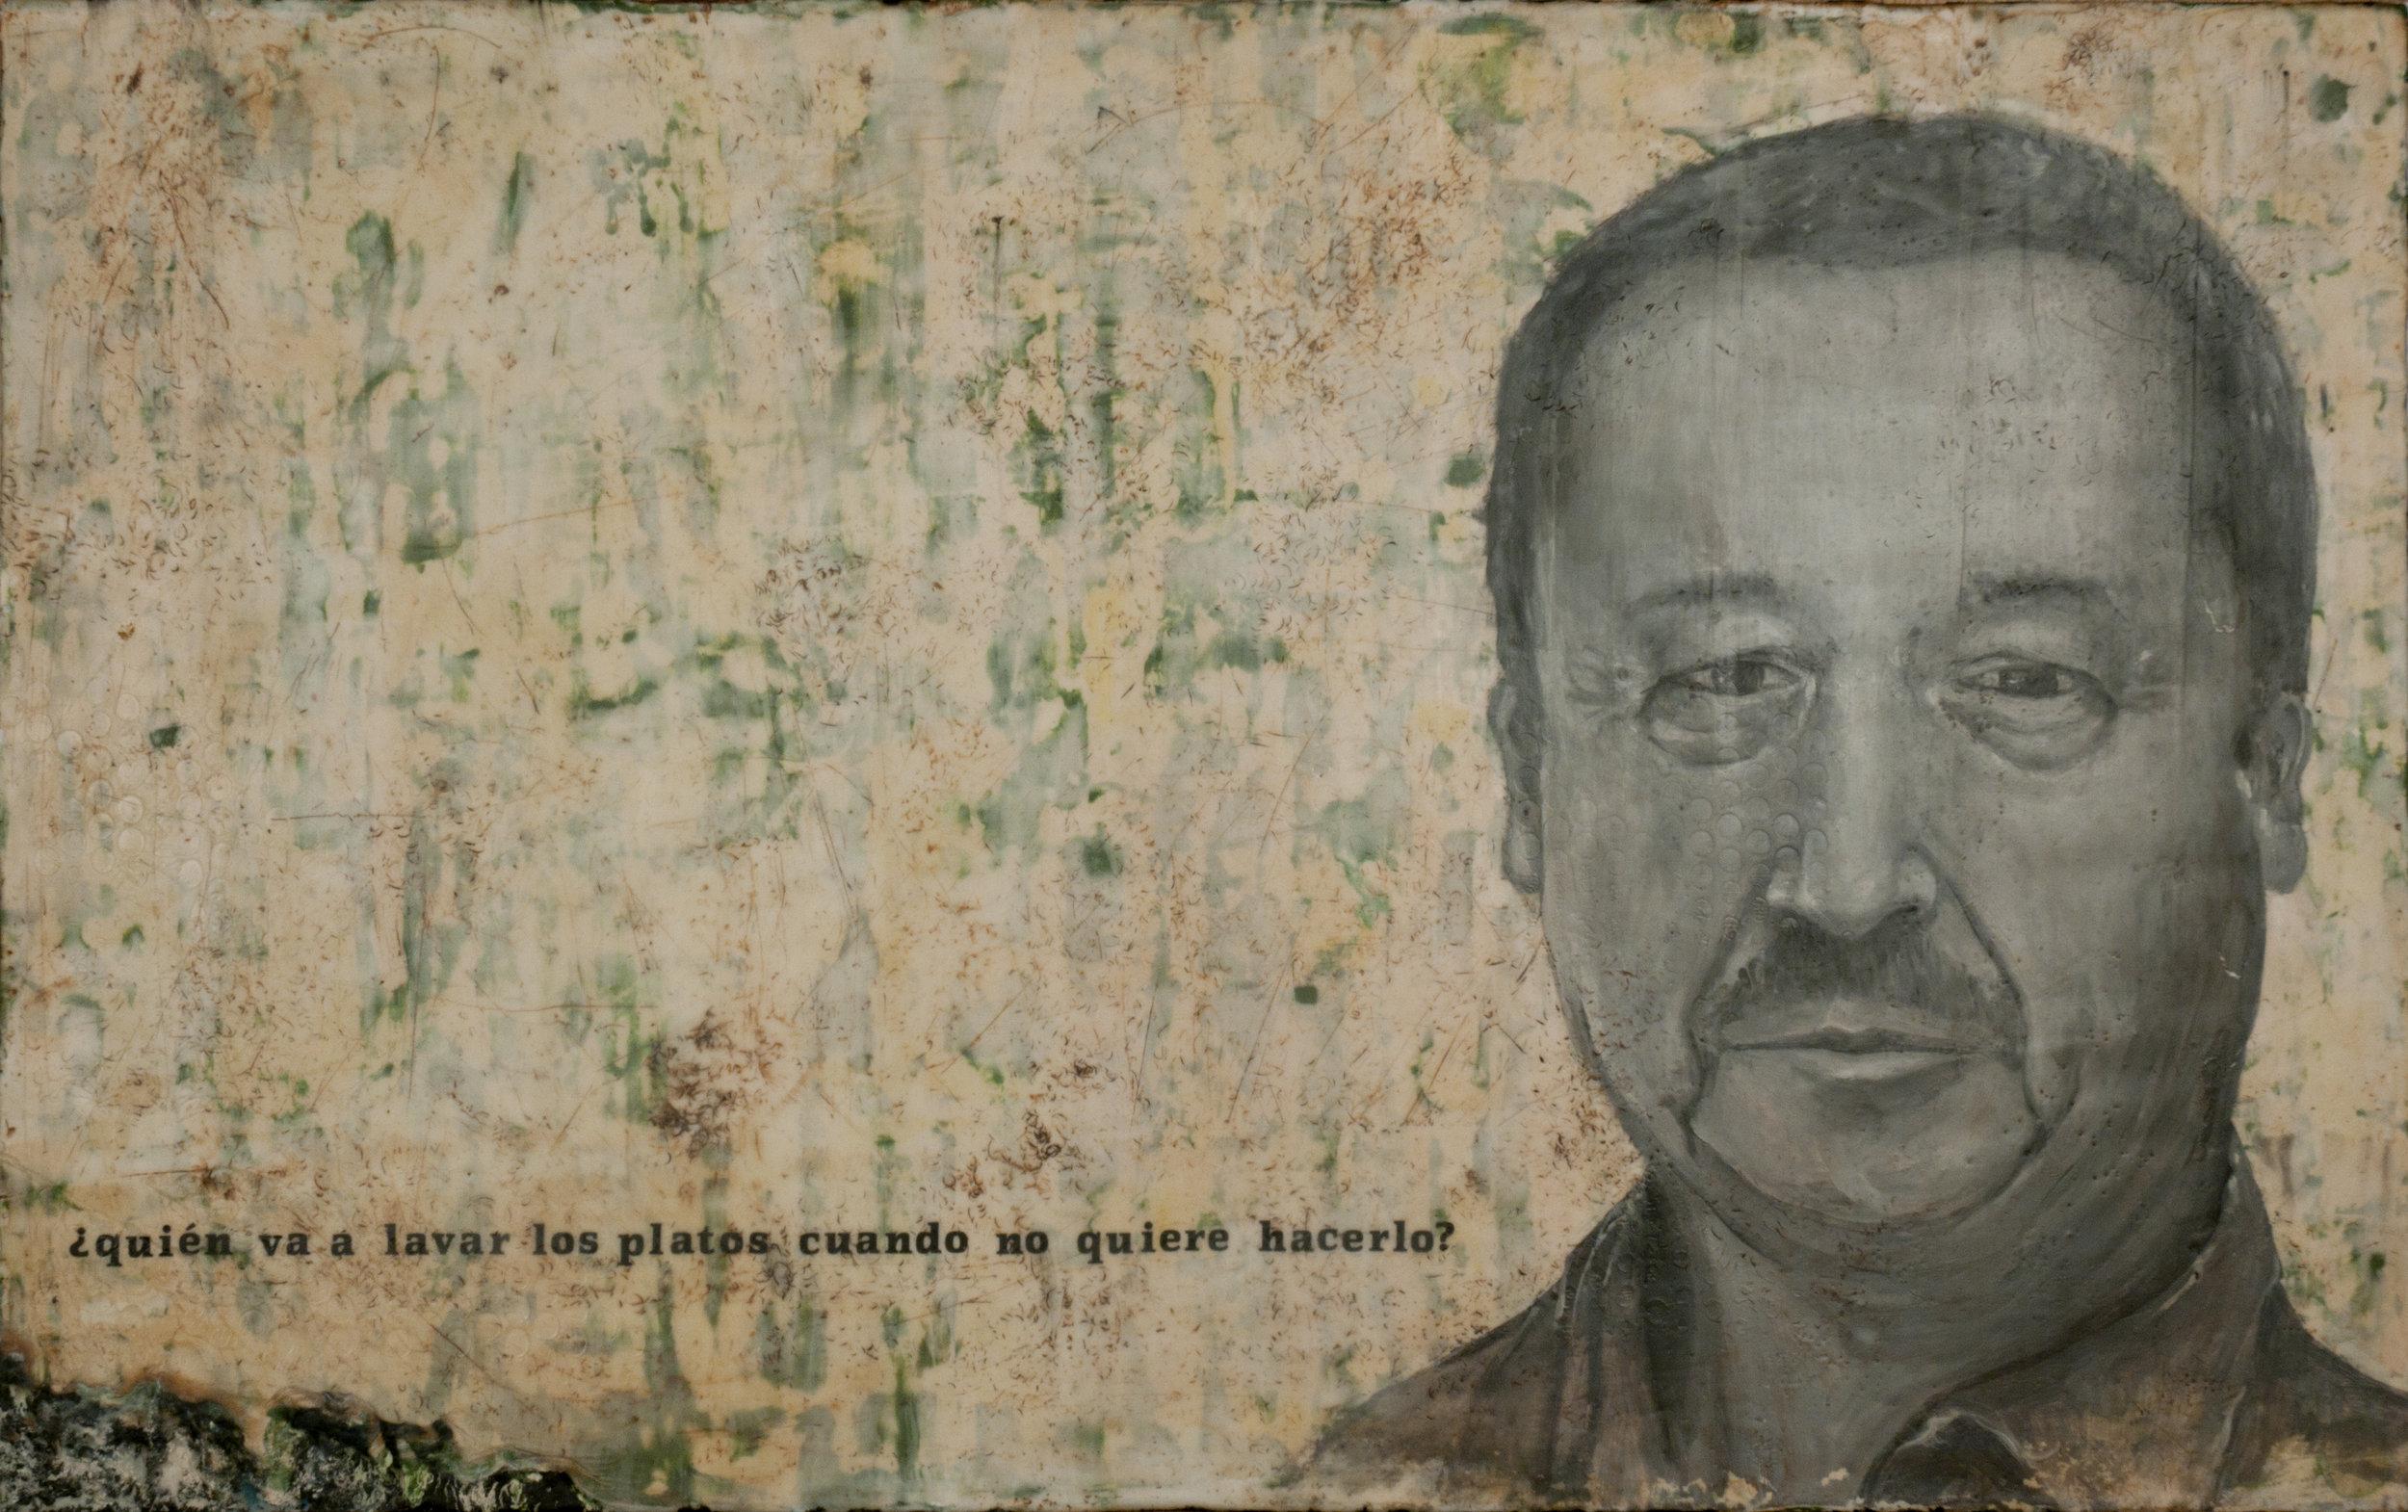 """José  encaustic on wood, 28"""" x 36""""  2009"""